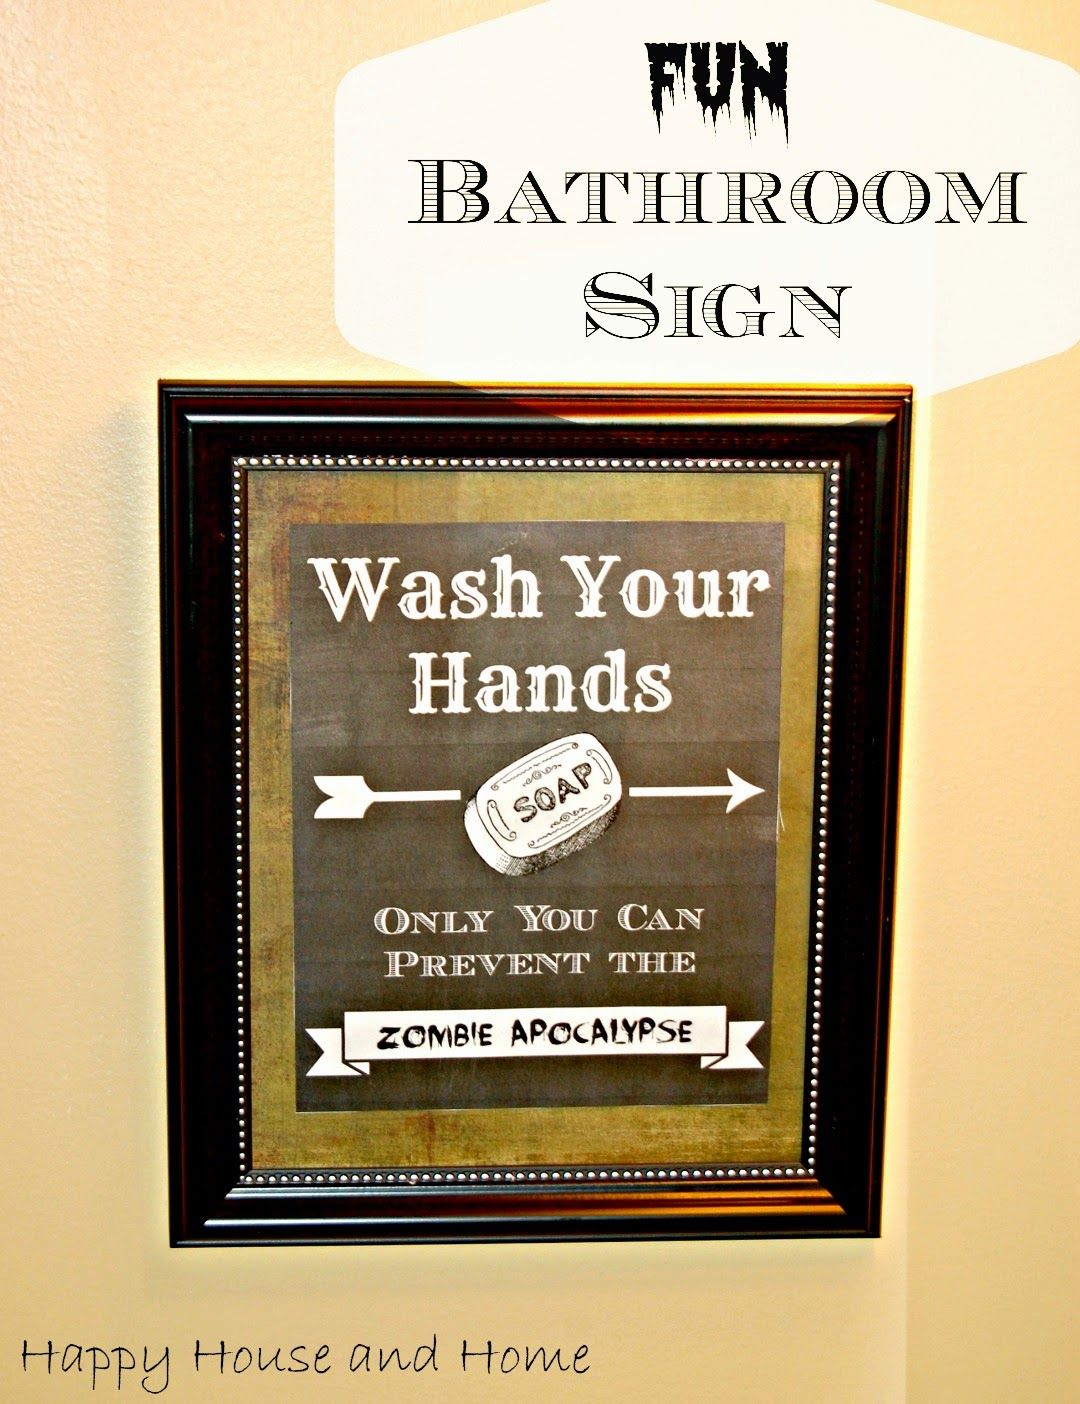 Fun Bathroom Sign Wash Your Hands Bathroom Signs Amazing Bathrooms Happy House